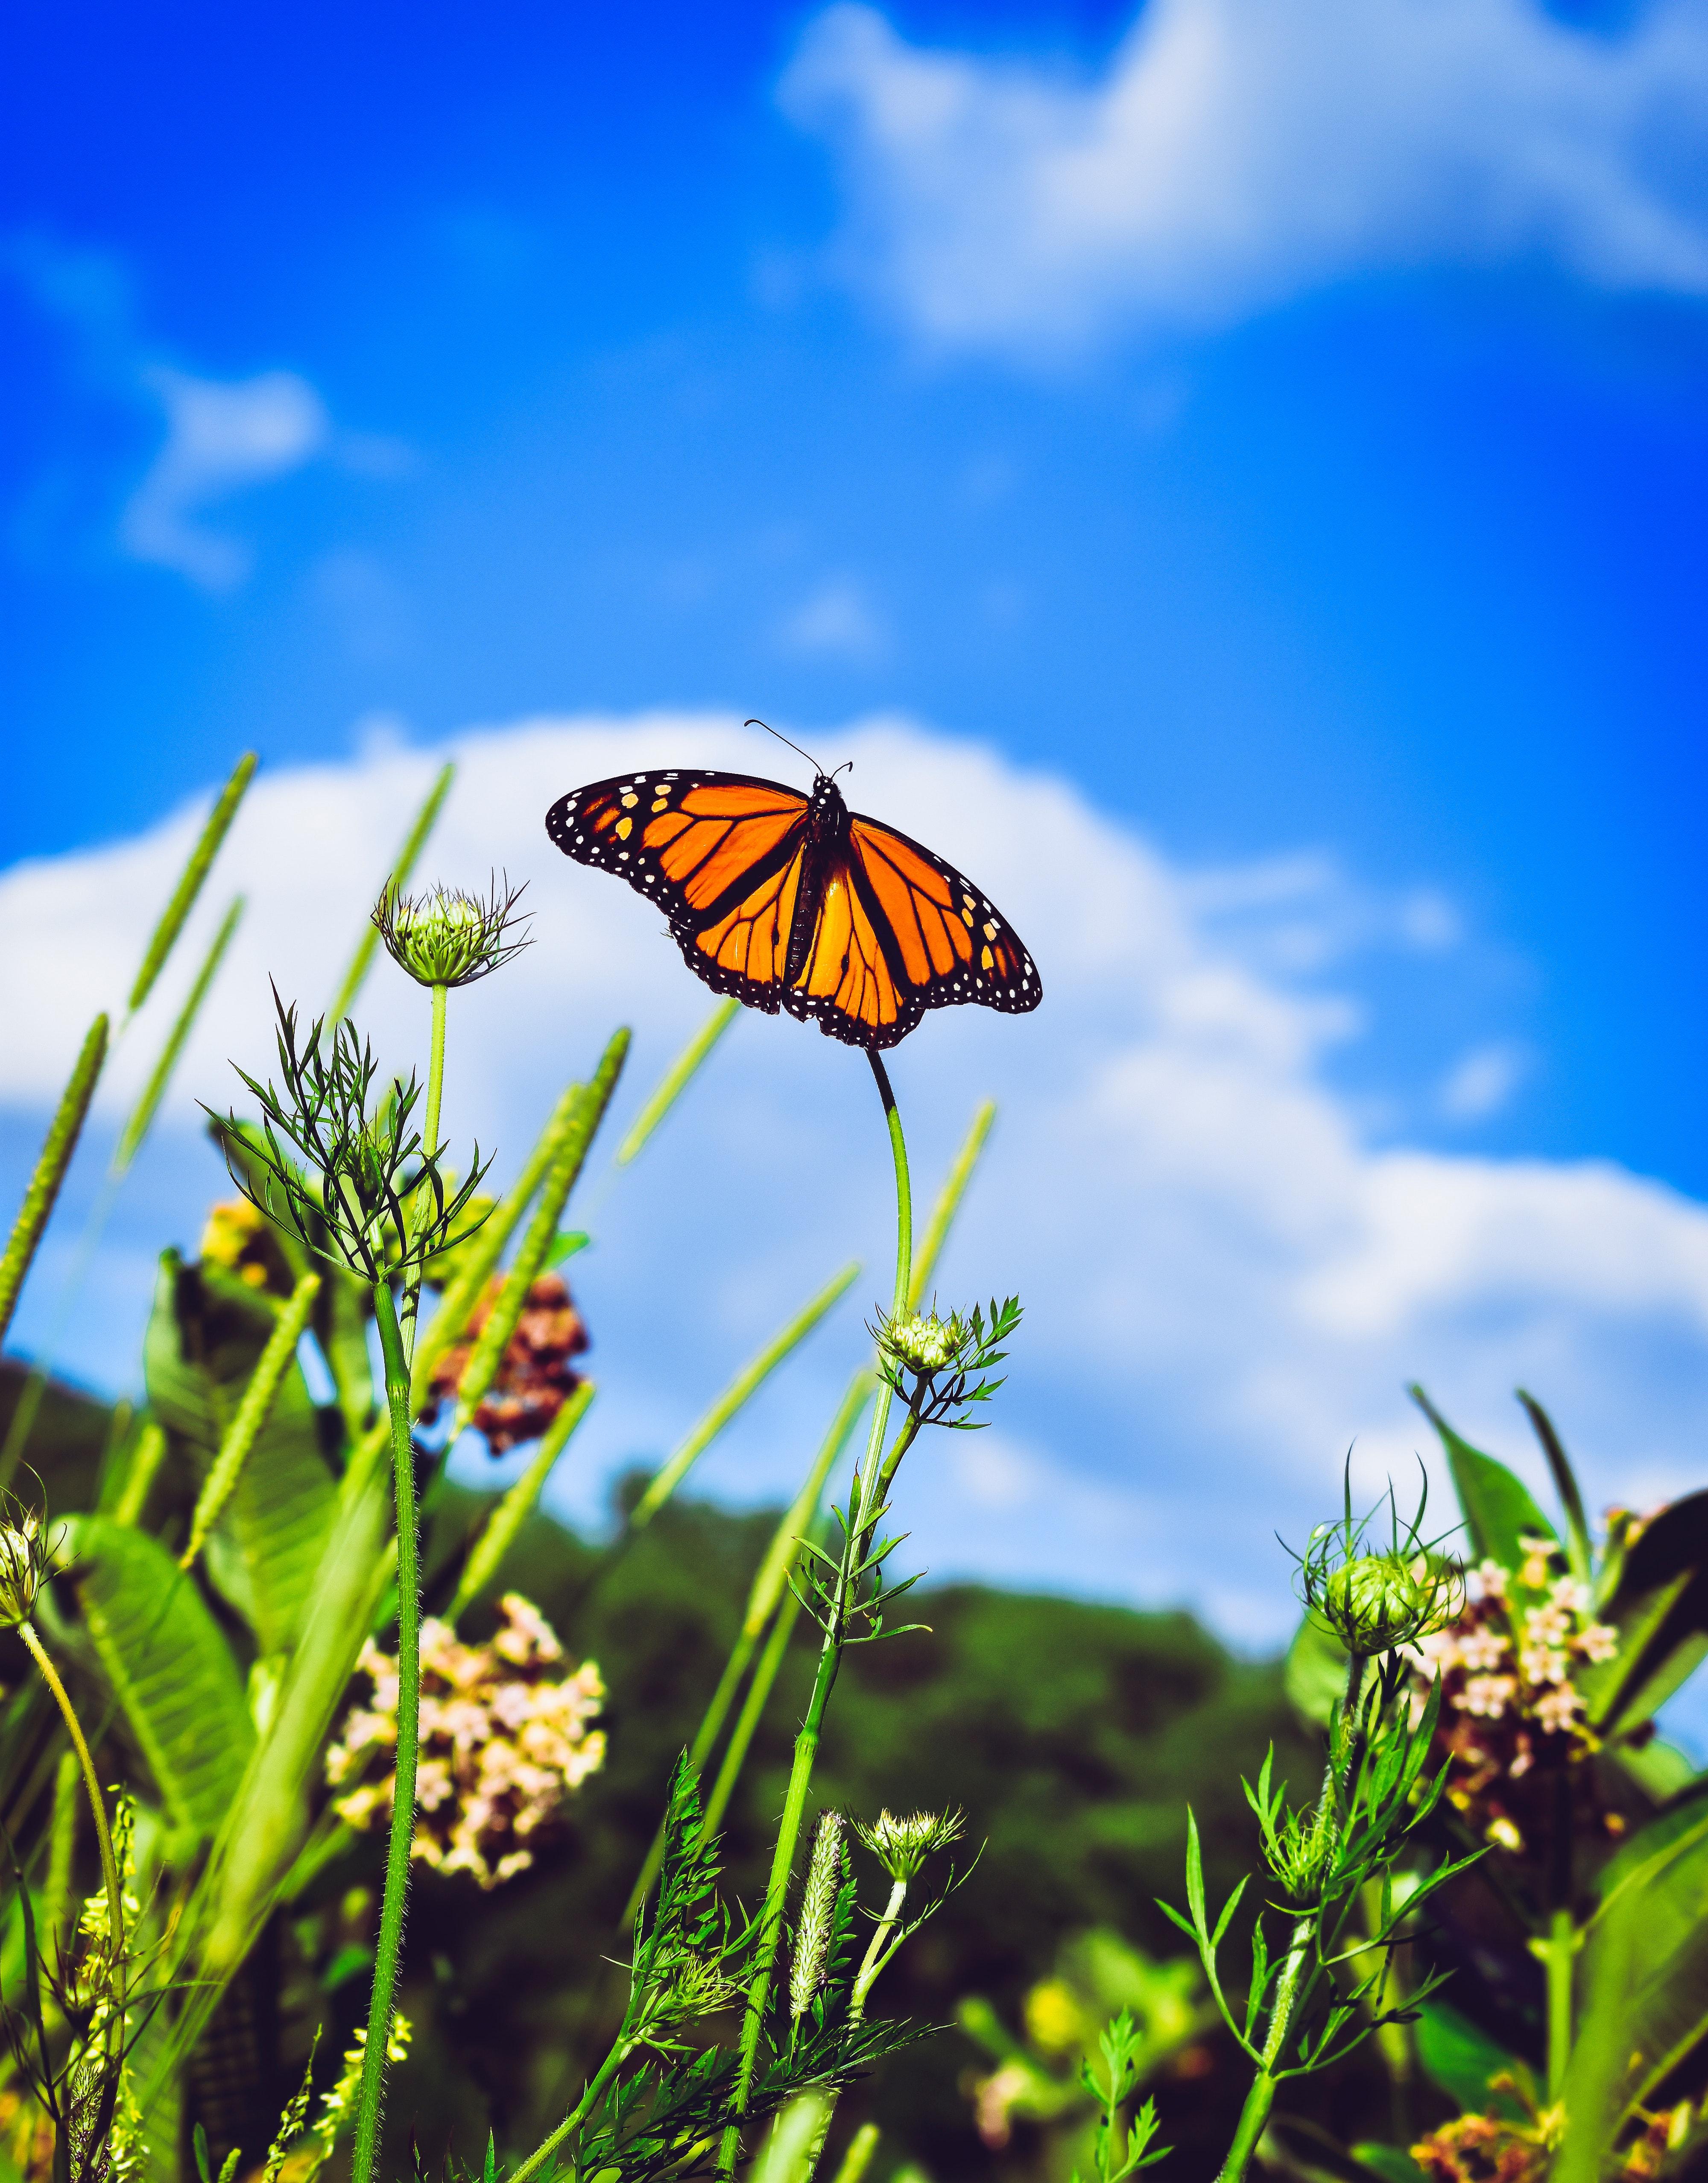 155523 Hintergrundbild herunterladen Patterns, Makro, Nahaufnahme, Schmetterling, Flügel, Danaida-Monarch - Bildschirmschoner und Bilder kostenlos